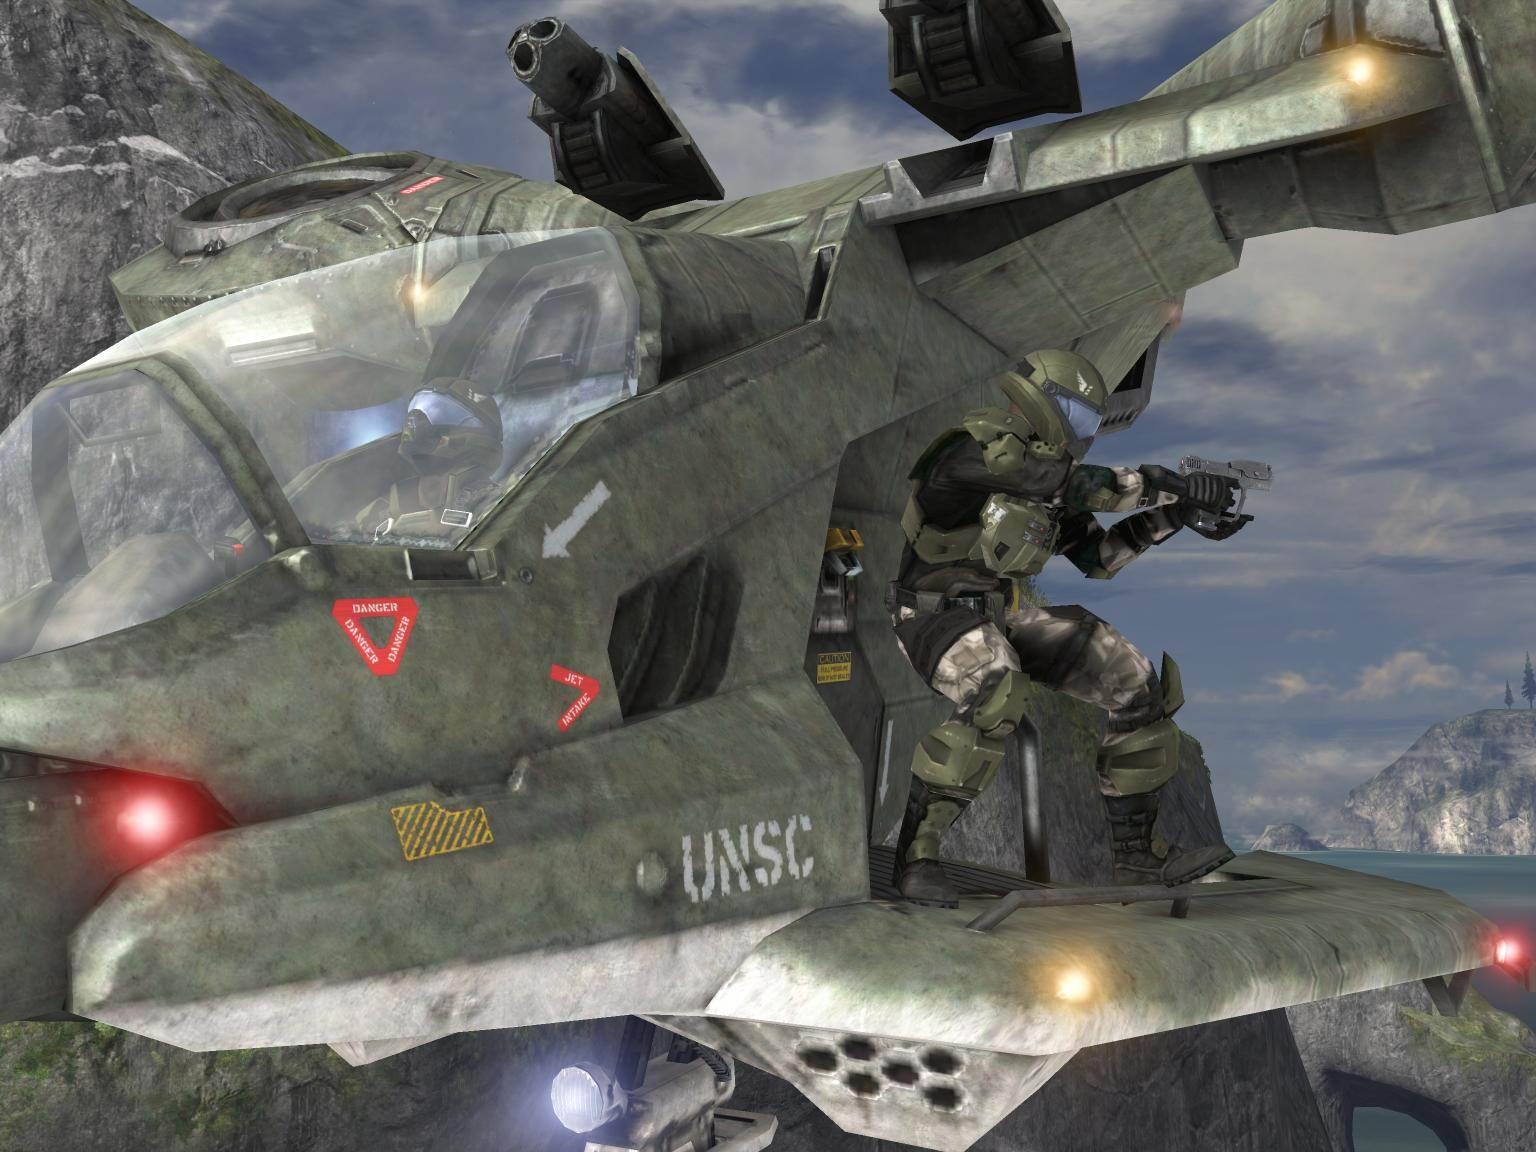 Pilot_on_Hornet.jpg